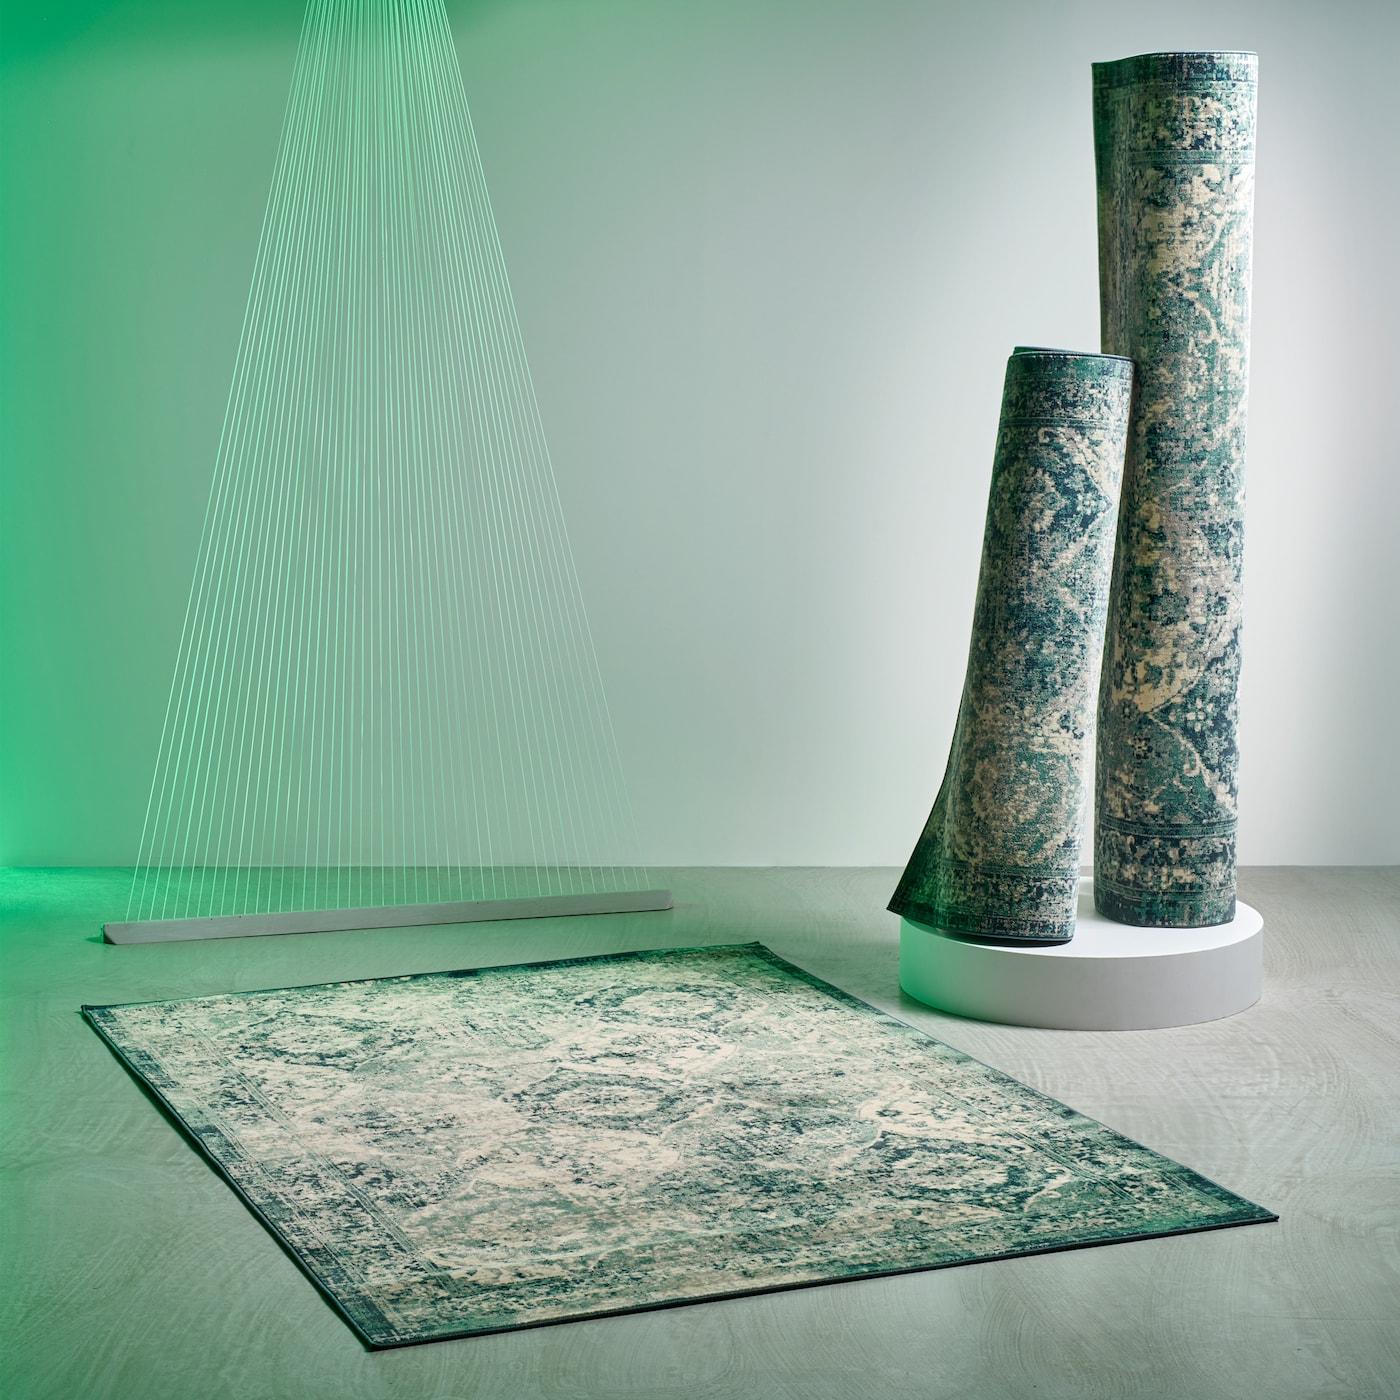 Tres alfombras VONSBÄK de IKEA de aspecto retro desgastado con un patrón oriental en tonos verdes.